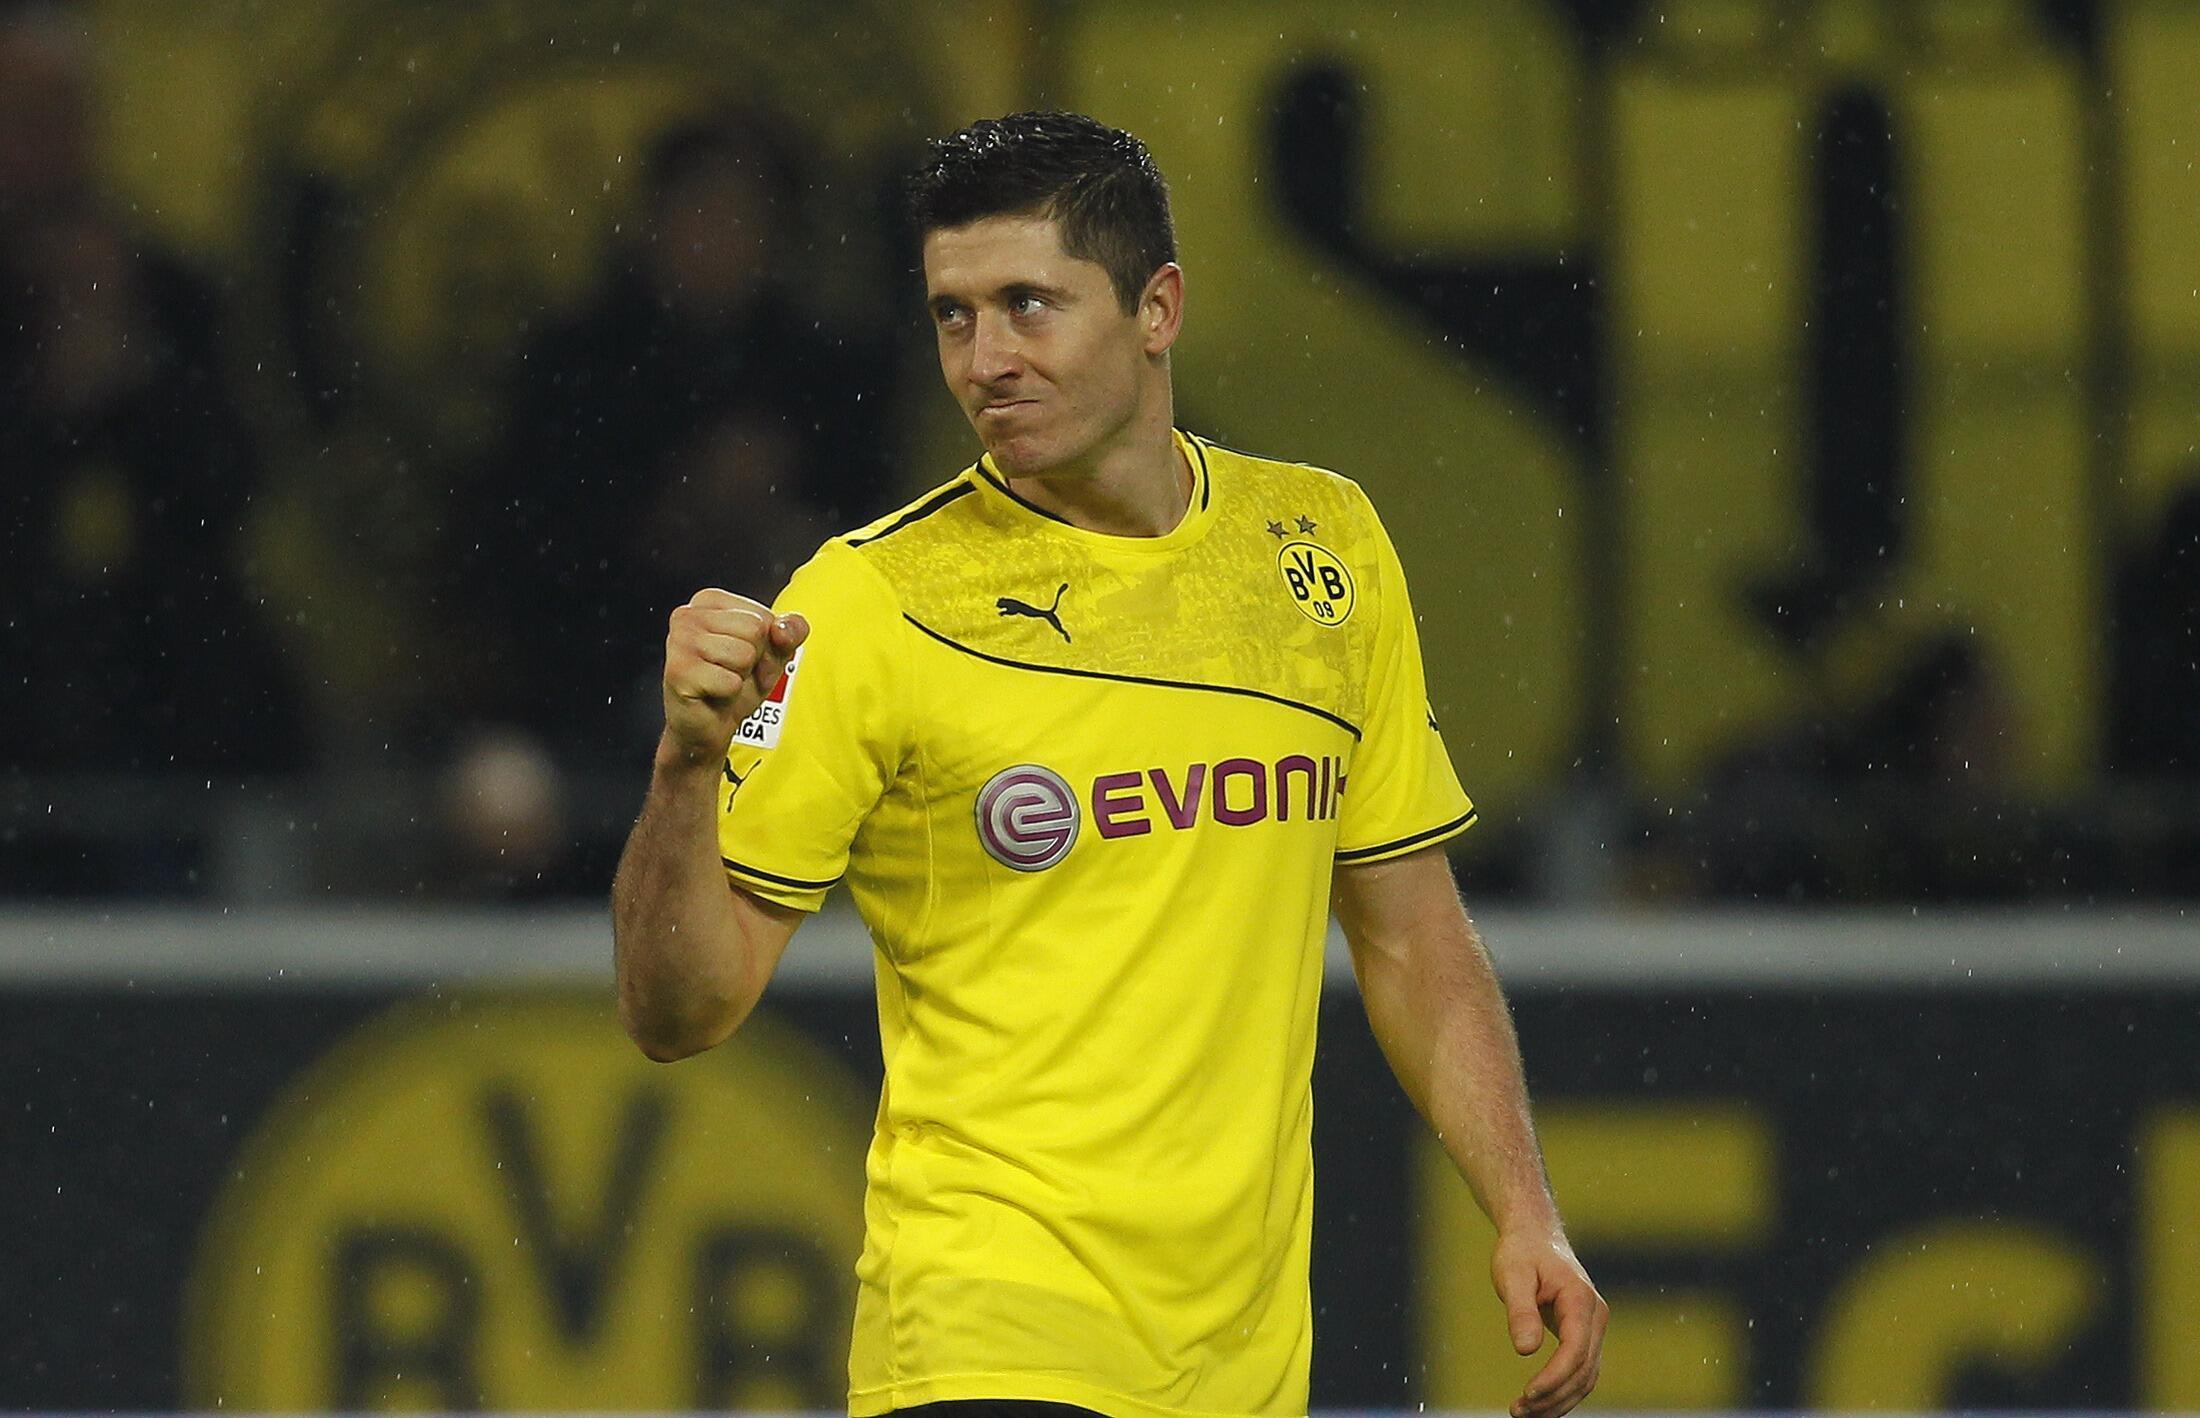 Robert Lewandowski, Dan wasan Borussia Dortmund, wanda ya jefa kwallaye 4 a ragar Real Madrid a gasar zakarun Turai a bara